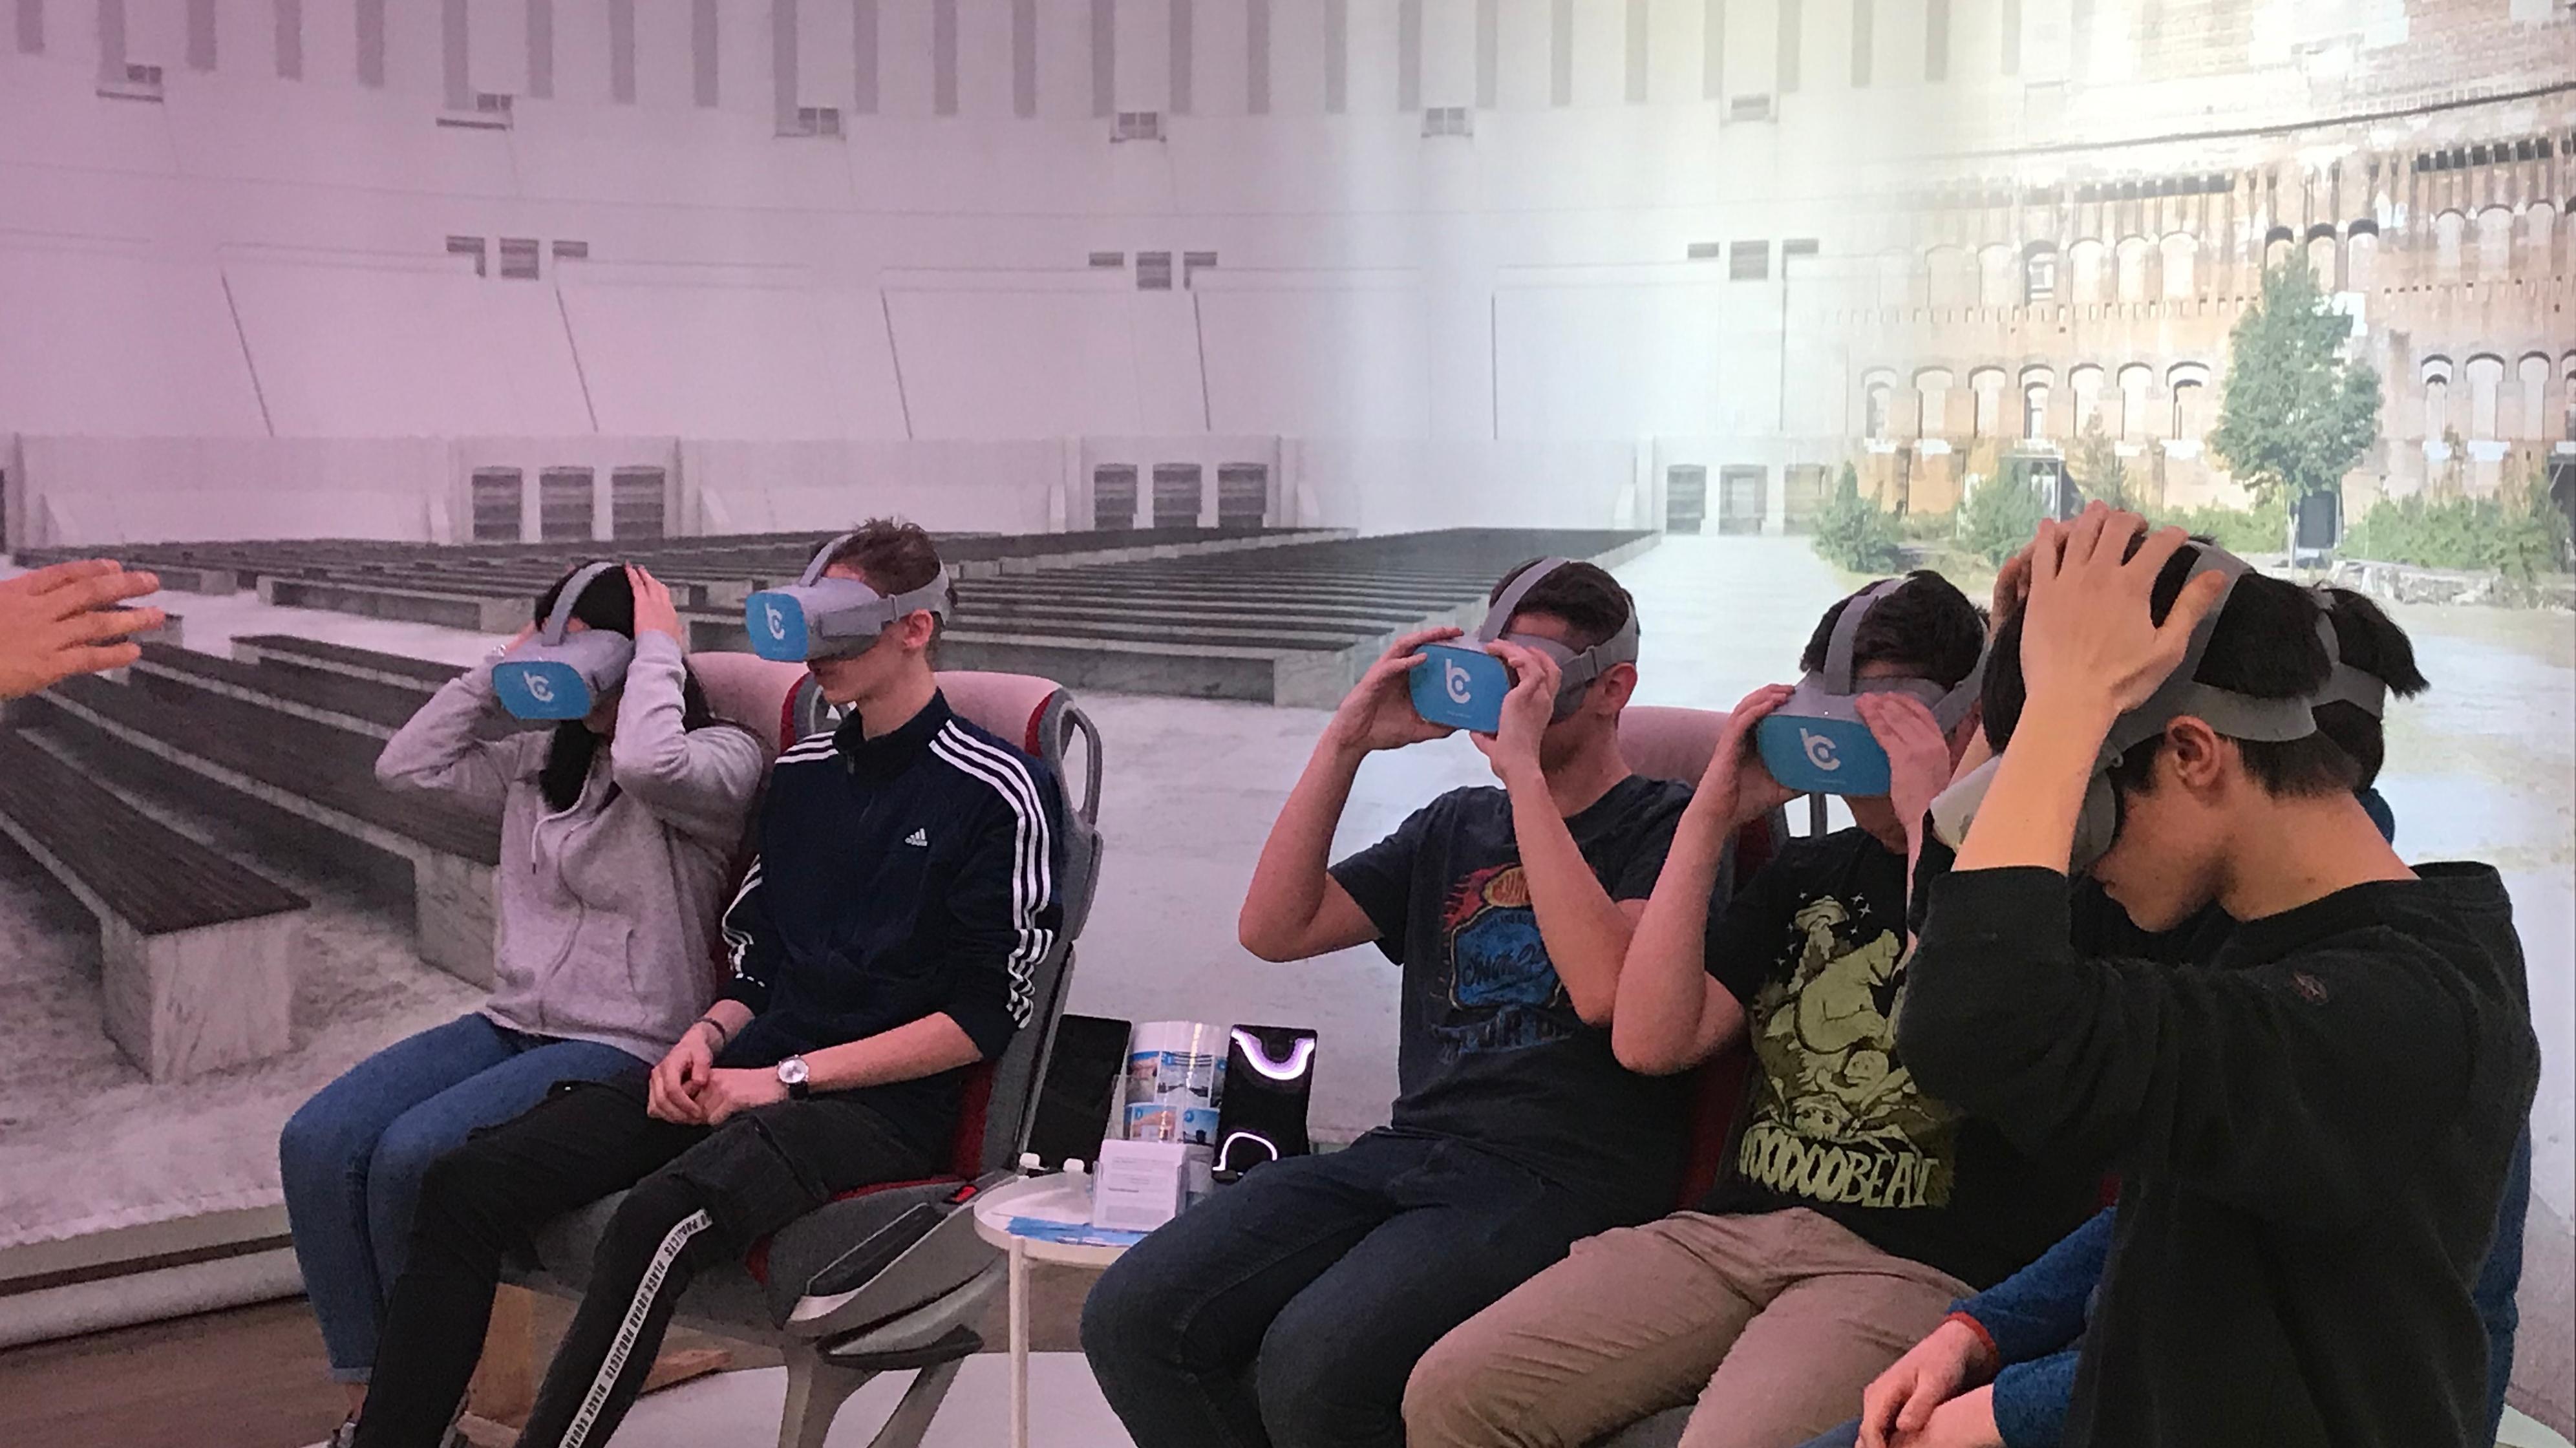 Ehemaliges Reichsparteitagsgelände in Nürnberg: Mit Virtual-Reality-Brillen sollen Besucher die Geschichte auf ganz neue Art wahrnehmen können.